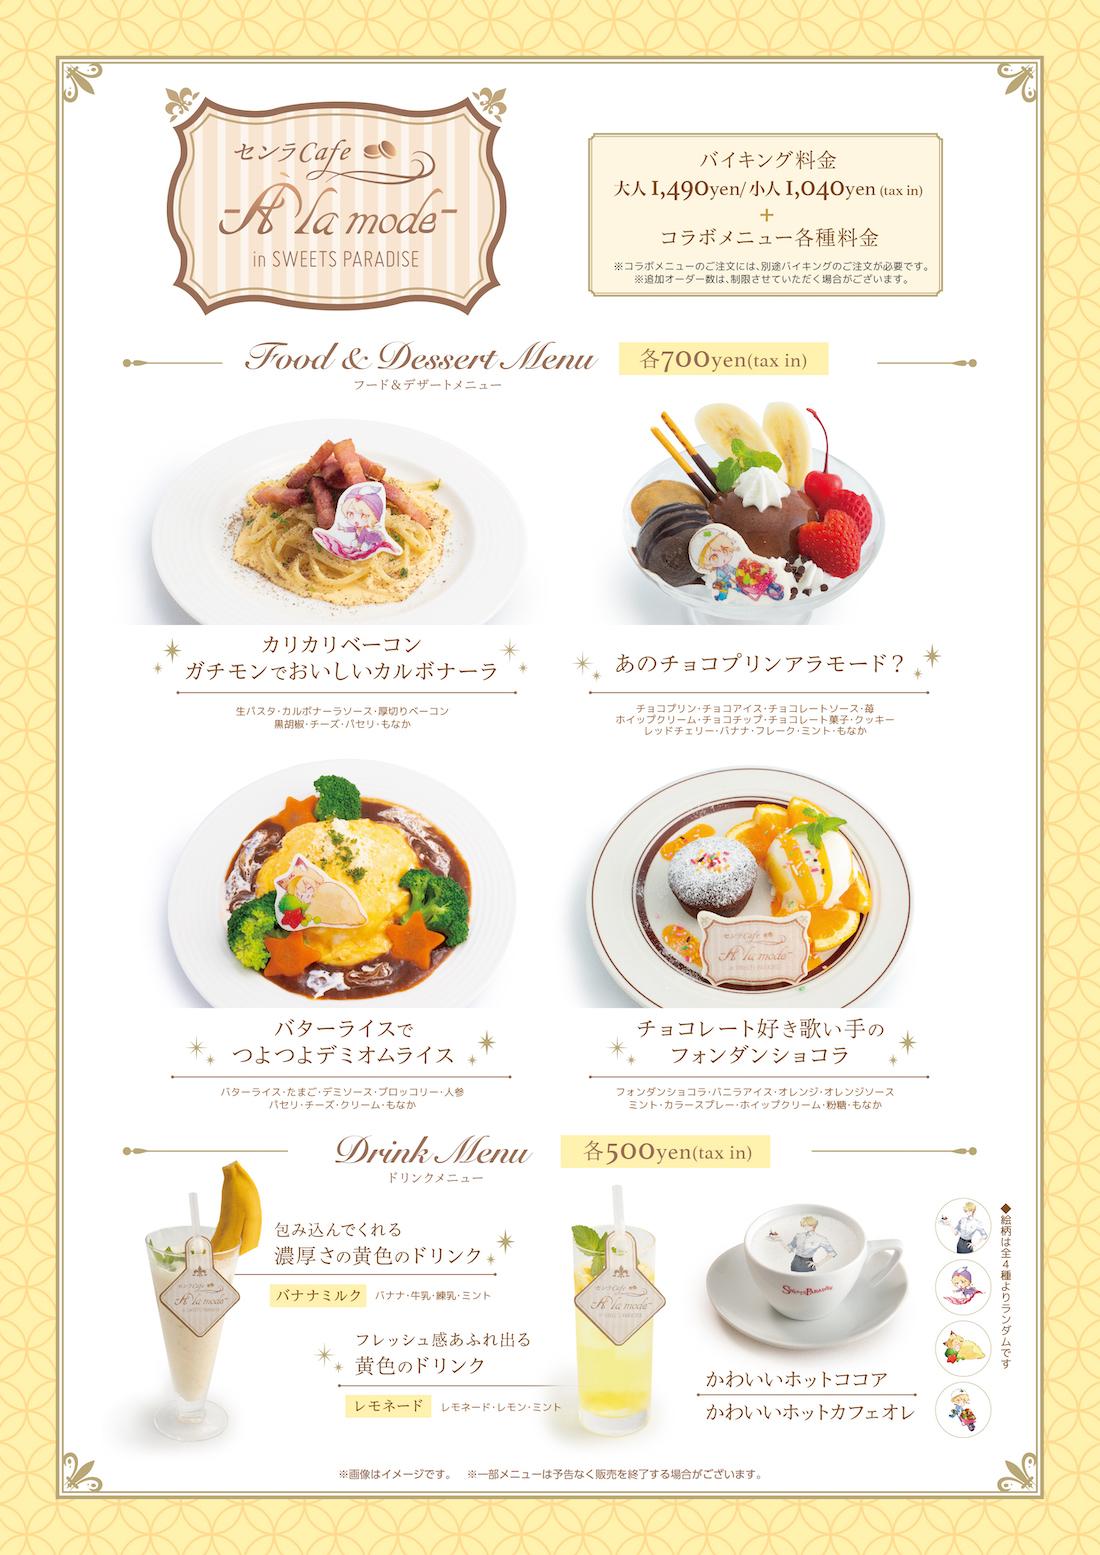 『センラ Cafe -A la mode-in SWEETS PARADISE』